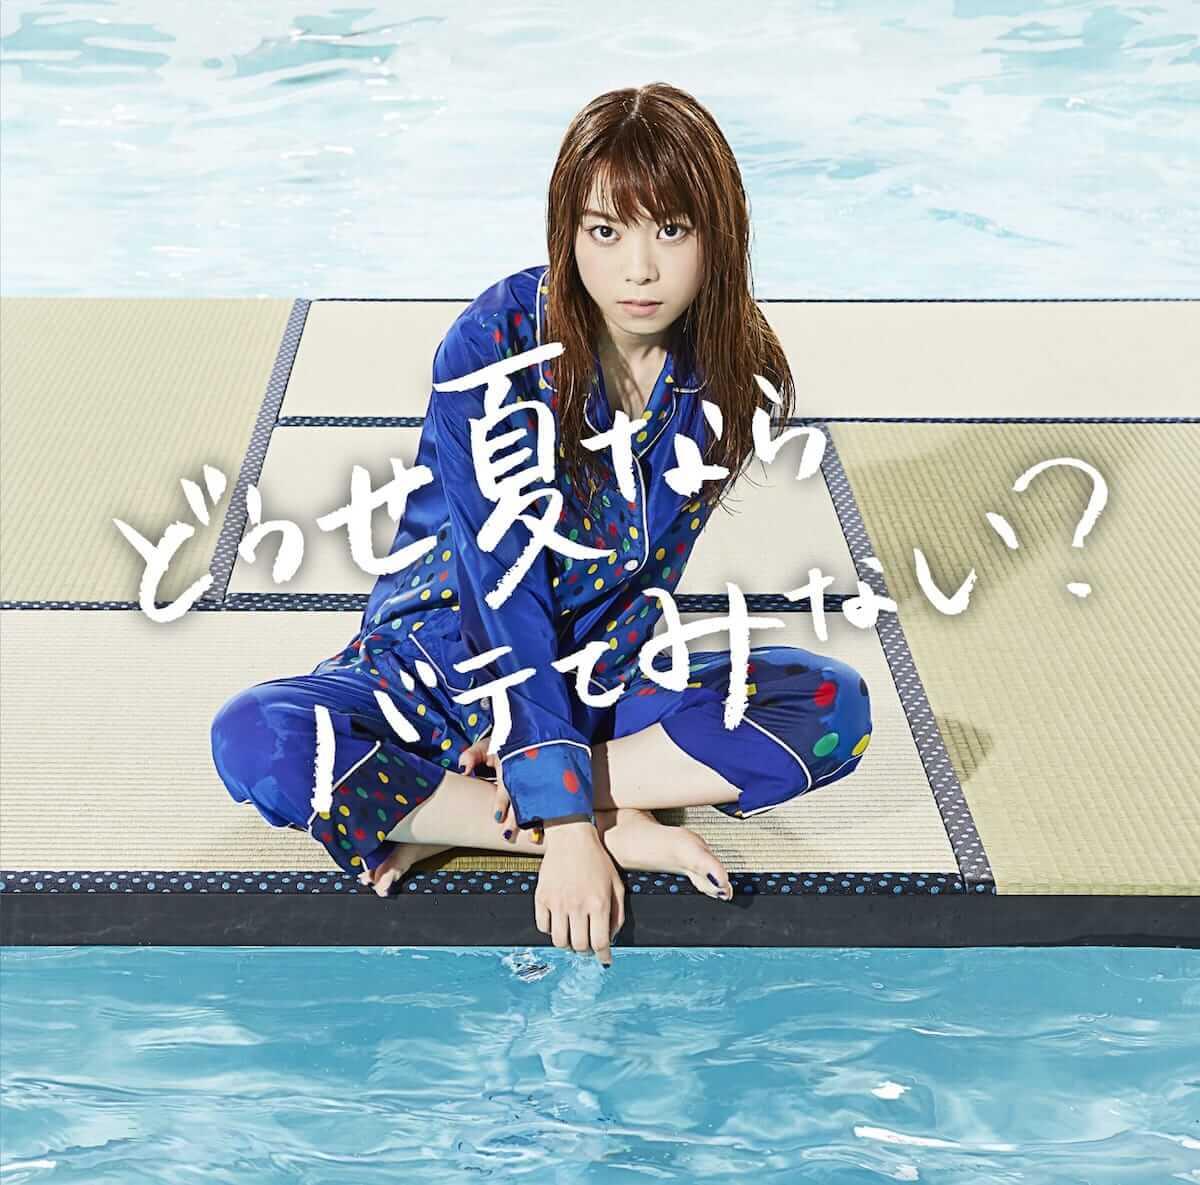 話題の現役女子大生シンガーソングライターがパジャマ姿でずぶ濡れに!? music180705_mashinomi_2-1200x1185